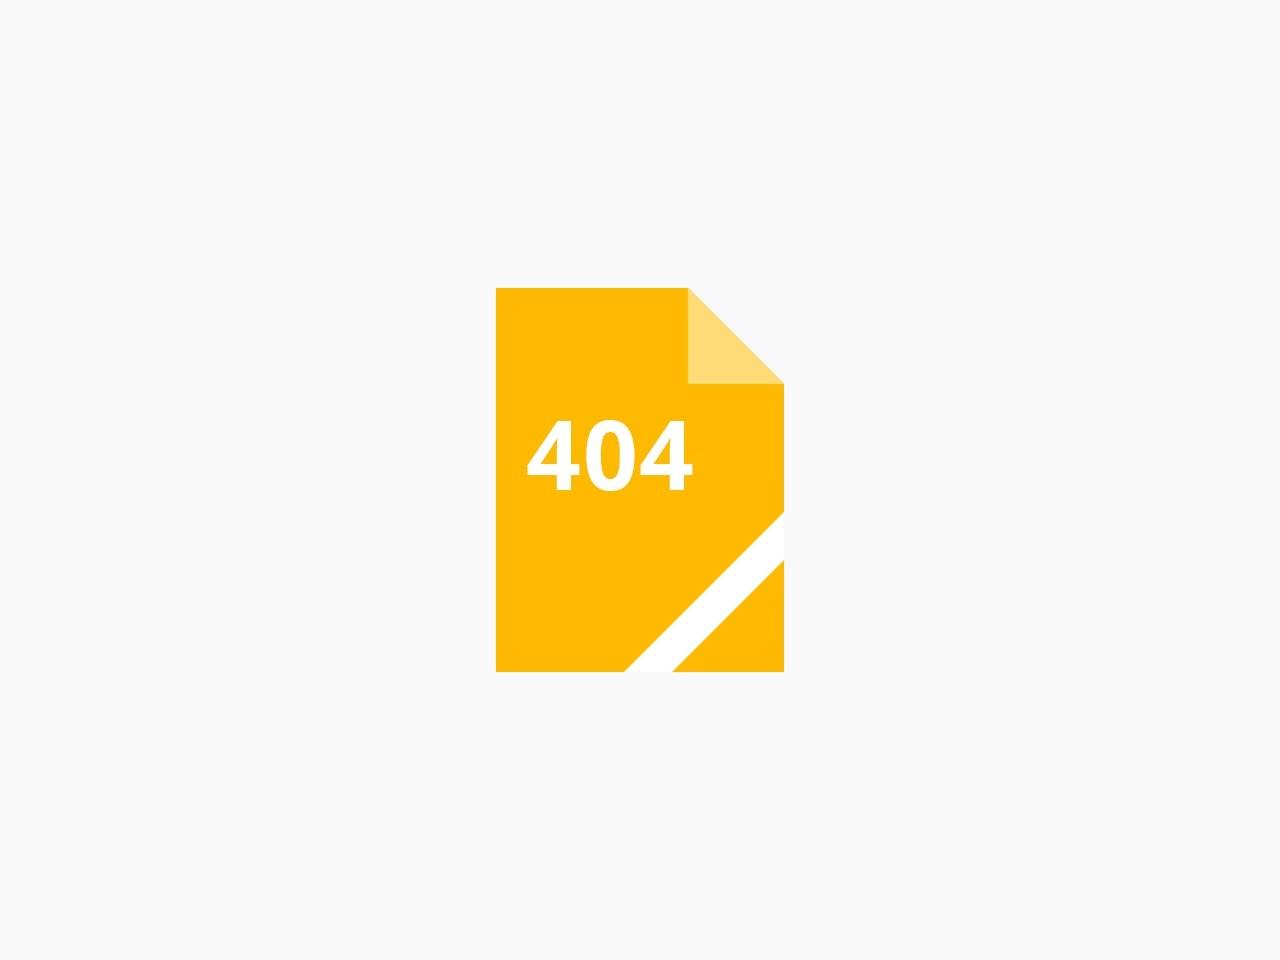 Acer Portal: Was ist das und kann man das löschen? - GIGA